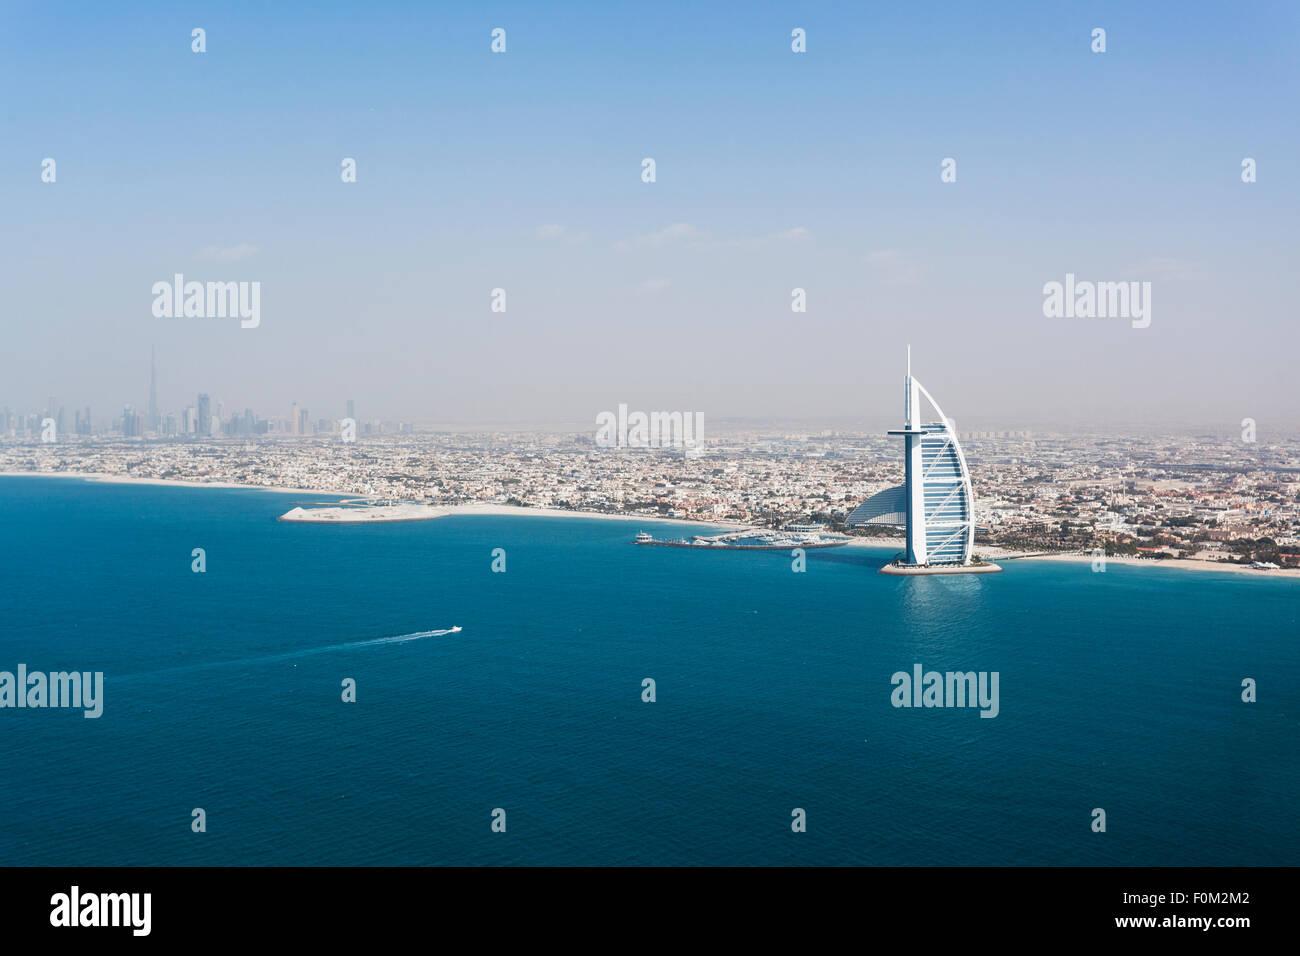 Küste mit Burj Al Arab, Dubai, Vereinigte Arabische Emirate Stockbild